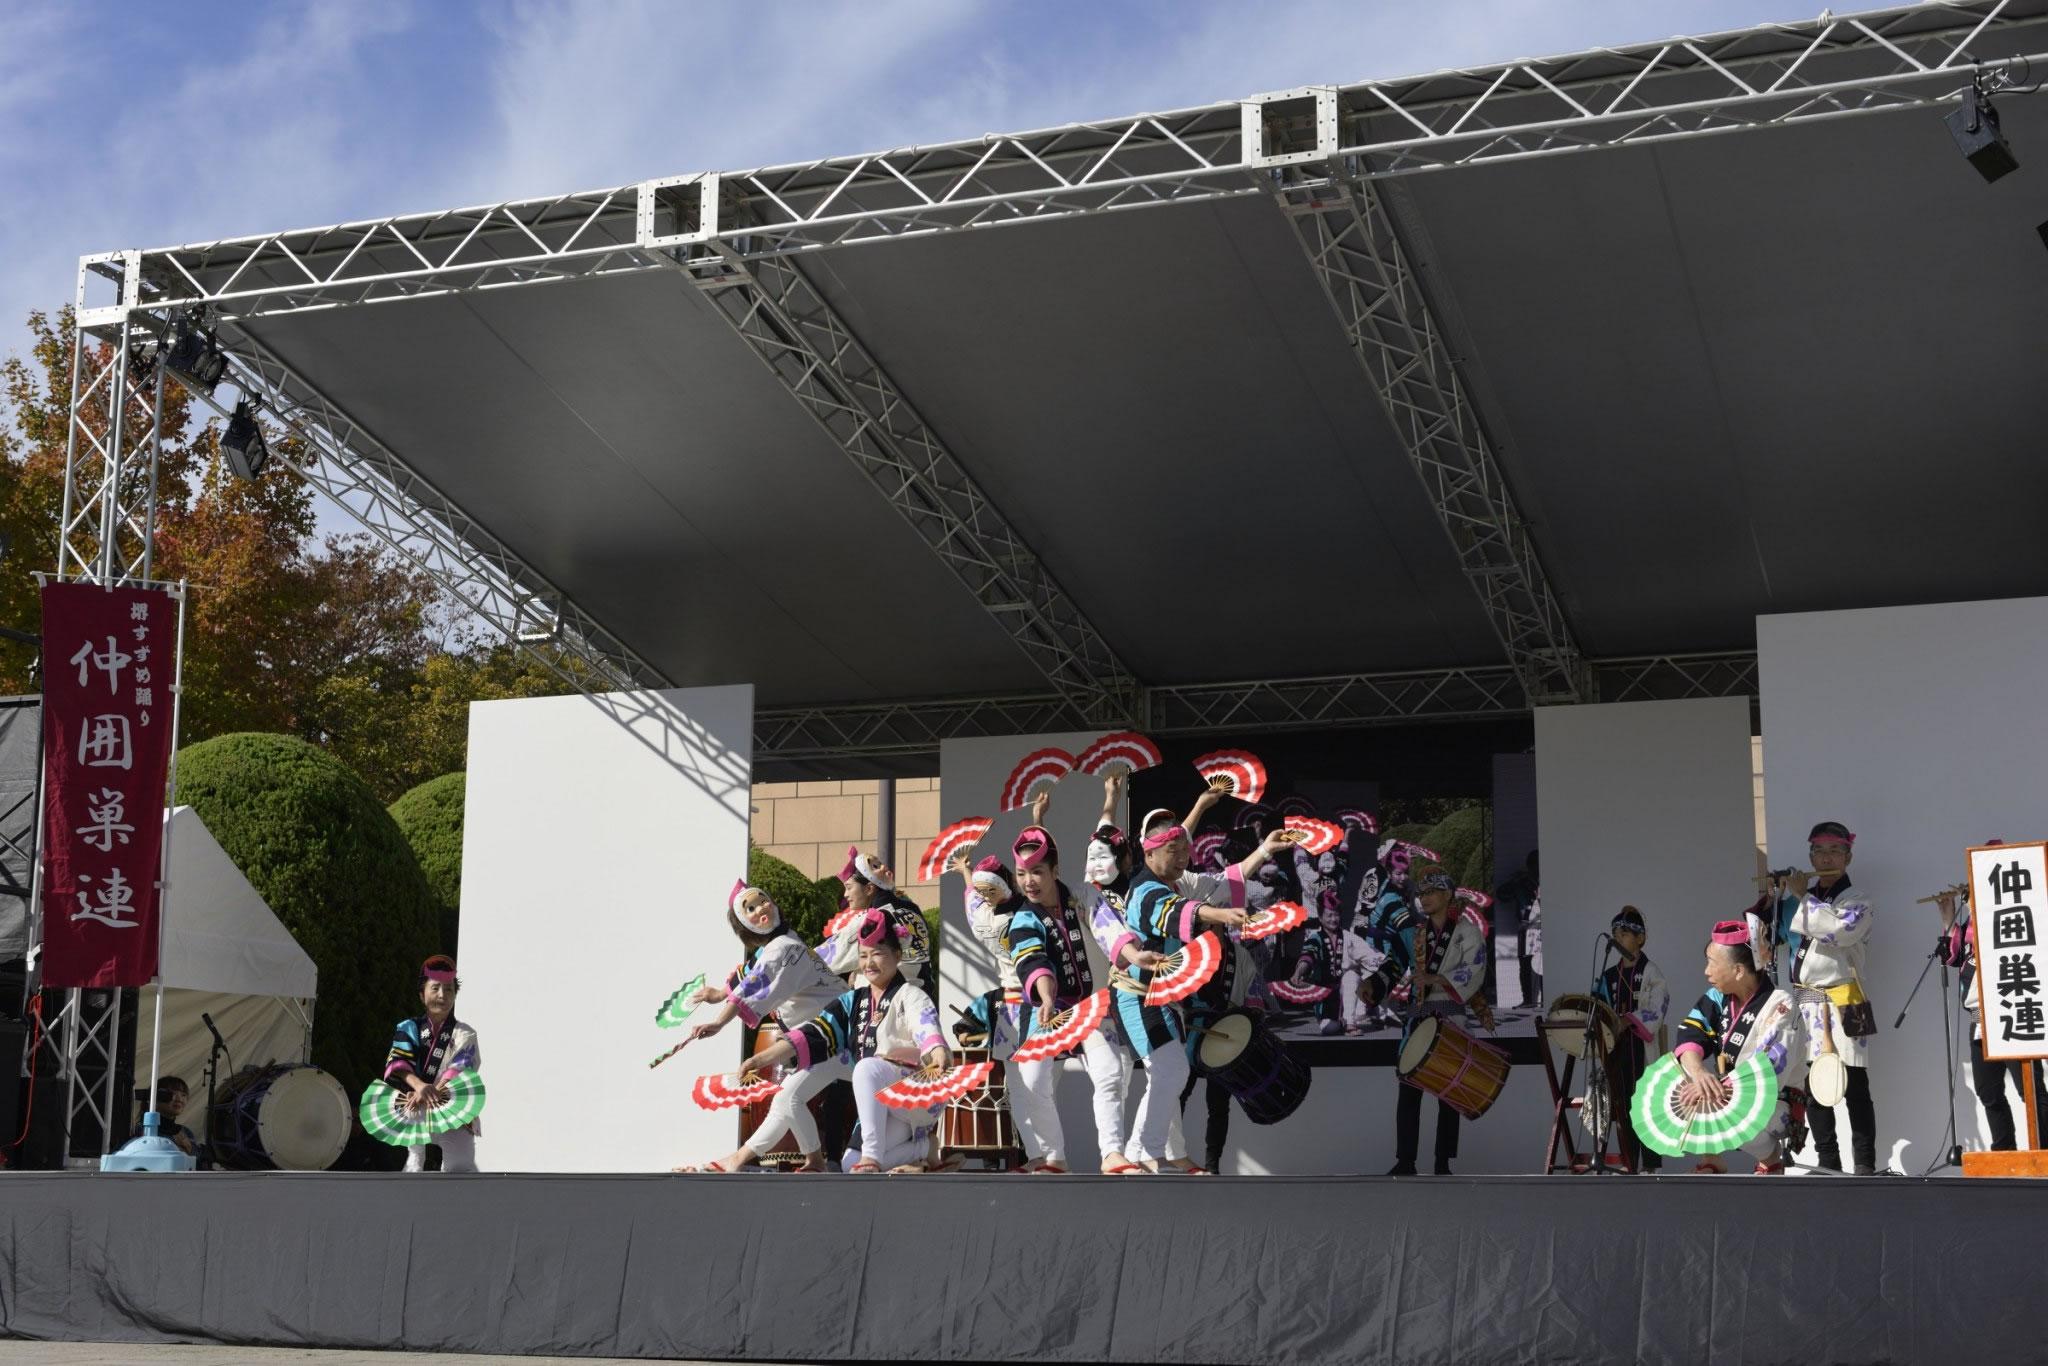 OSEAL2019 ハノーバー庭園にてすずめ踊り演舞24